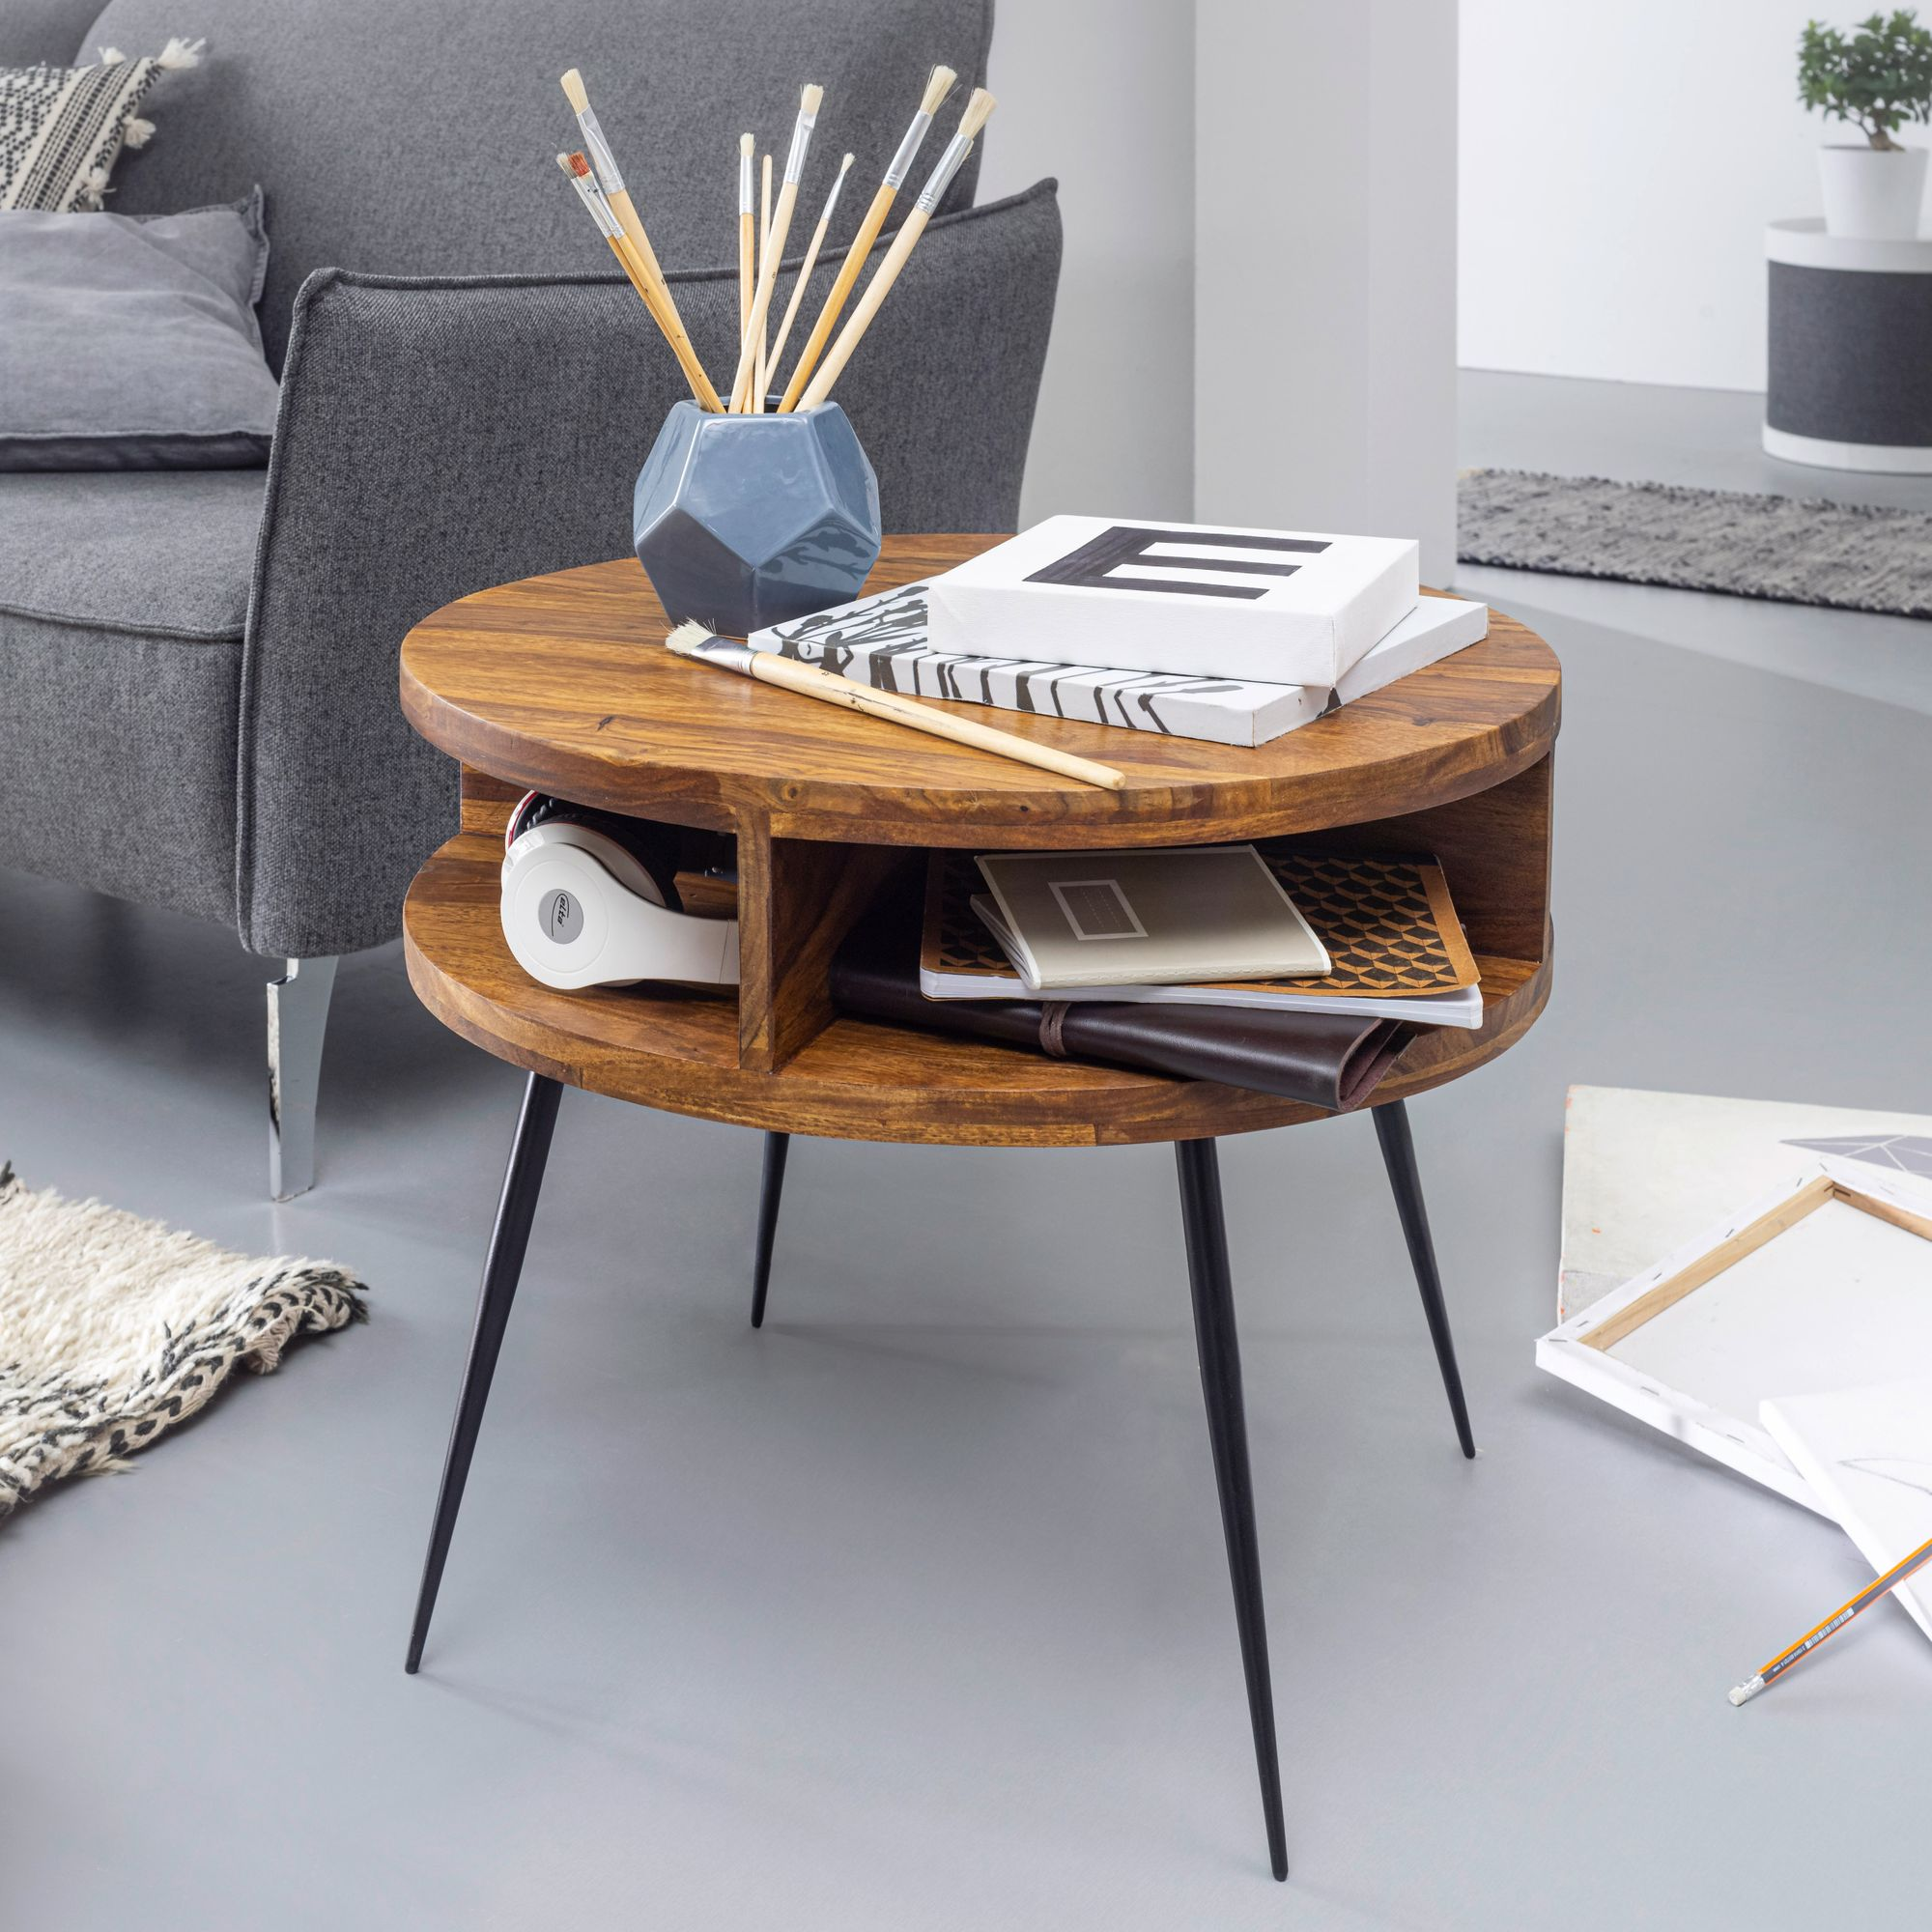 Wohnling Couchtisch Sheesham Massivholz Metall 60x45x60 Cm Tisch Wohnzimmer Design Beistelltisch Mit Ablage Kleiner